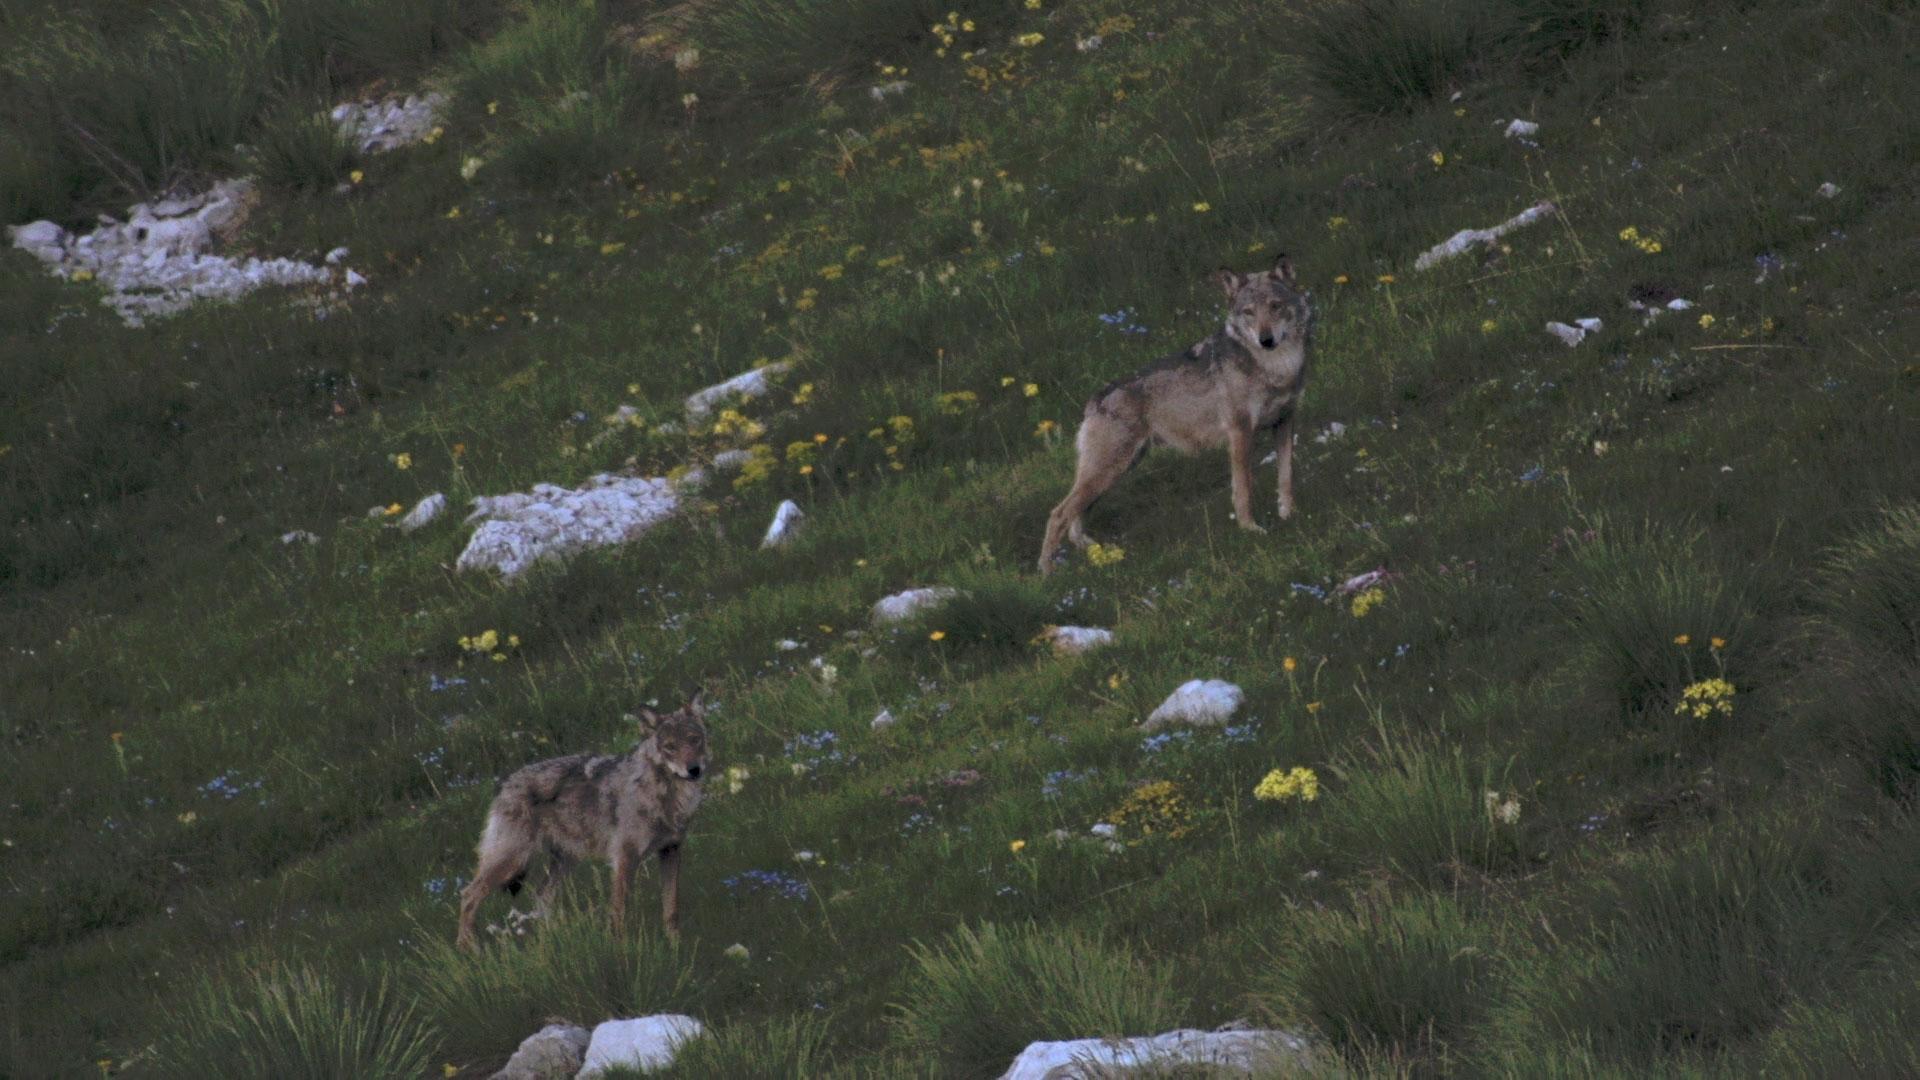 film, nature, environnement, cinéma, animal, loup, la vallée des loups, jean-michel bertrand, MC4 production